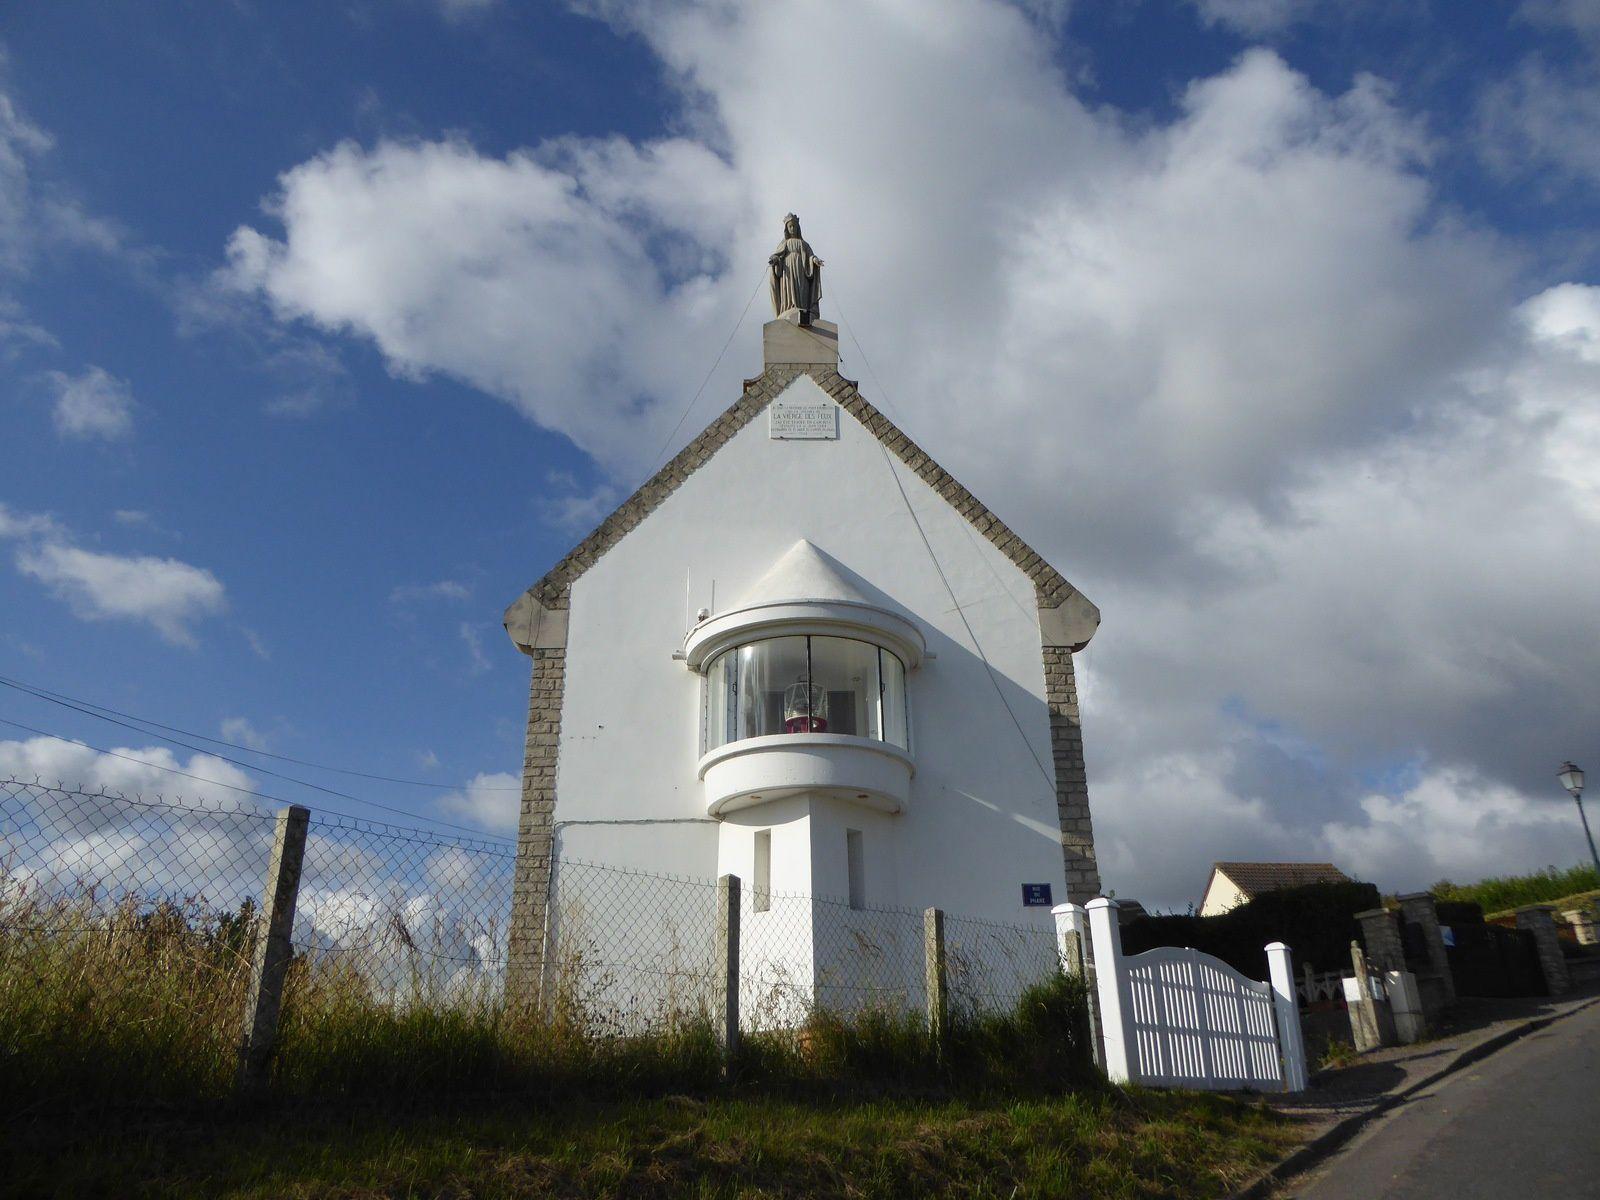 Promenade en Normandie - Eté 2016. 2/.. Randonnée en boucle à Port-en-Bessin - 8 km.